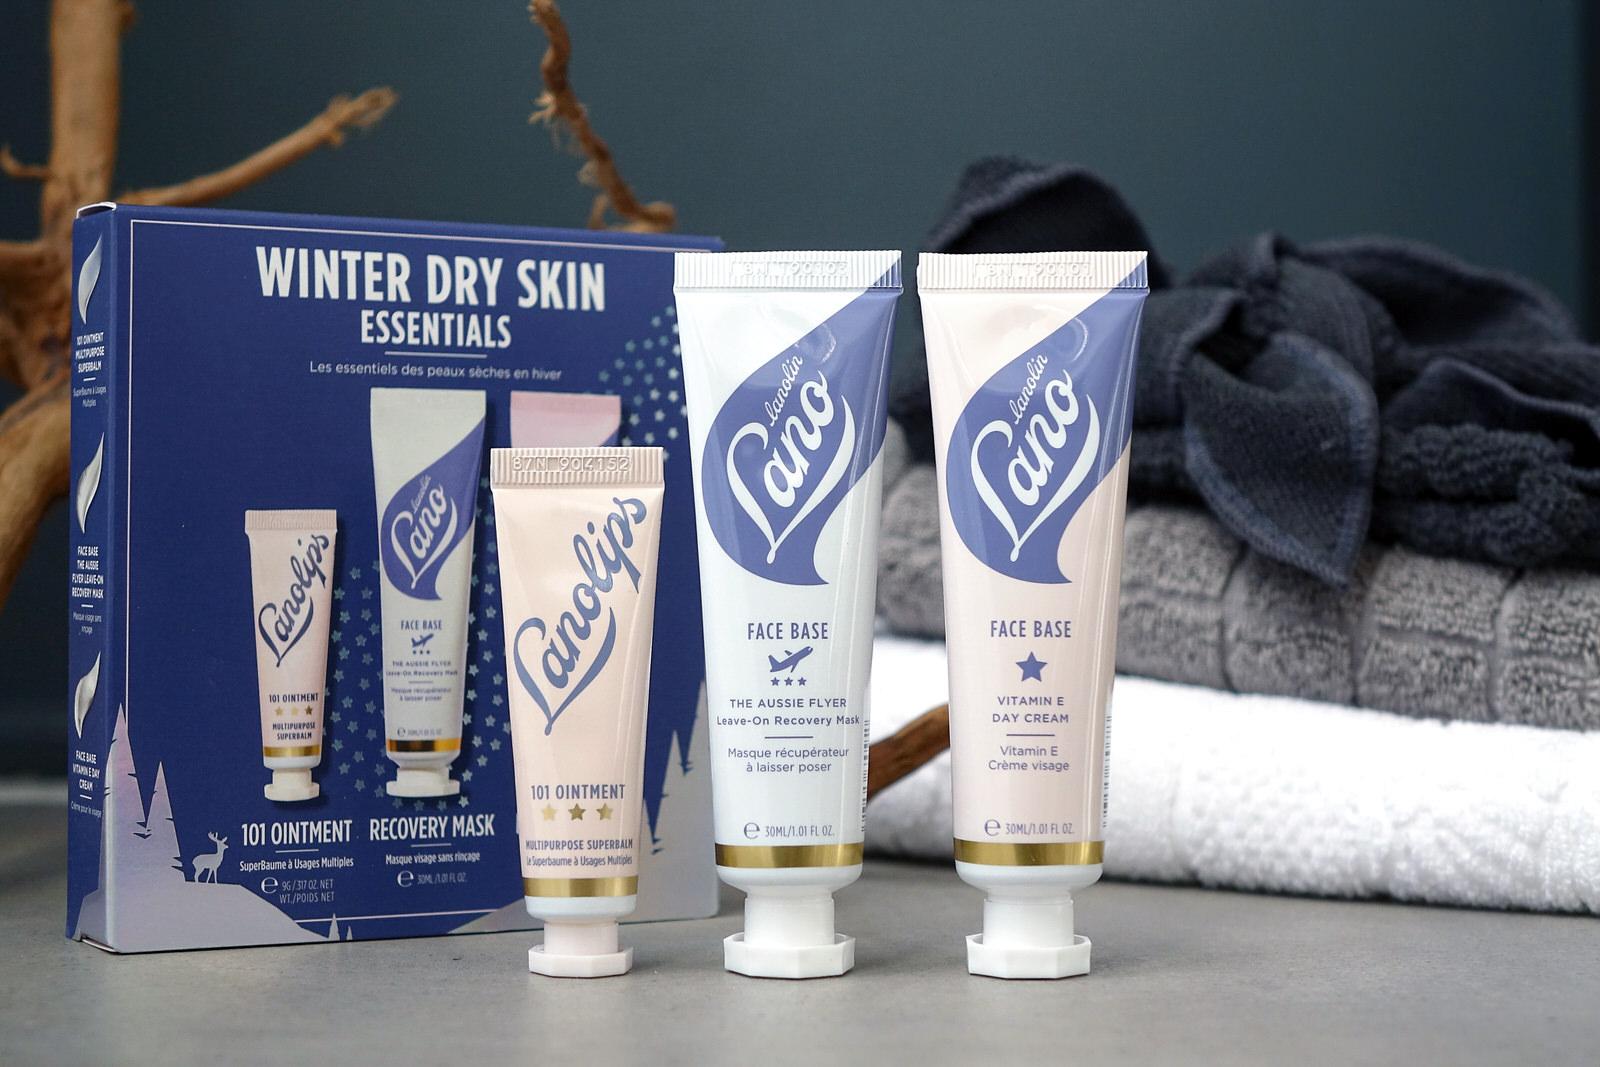 """Le coffret Lanolips """"Winter Holidays Essentials"""" , les essentiels pour les peaux sèches en hiver"""